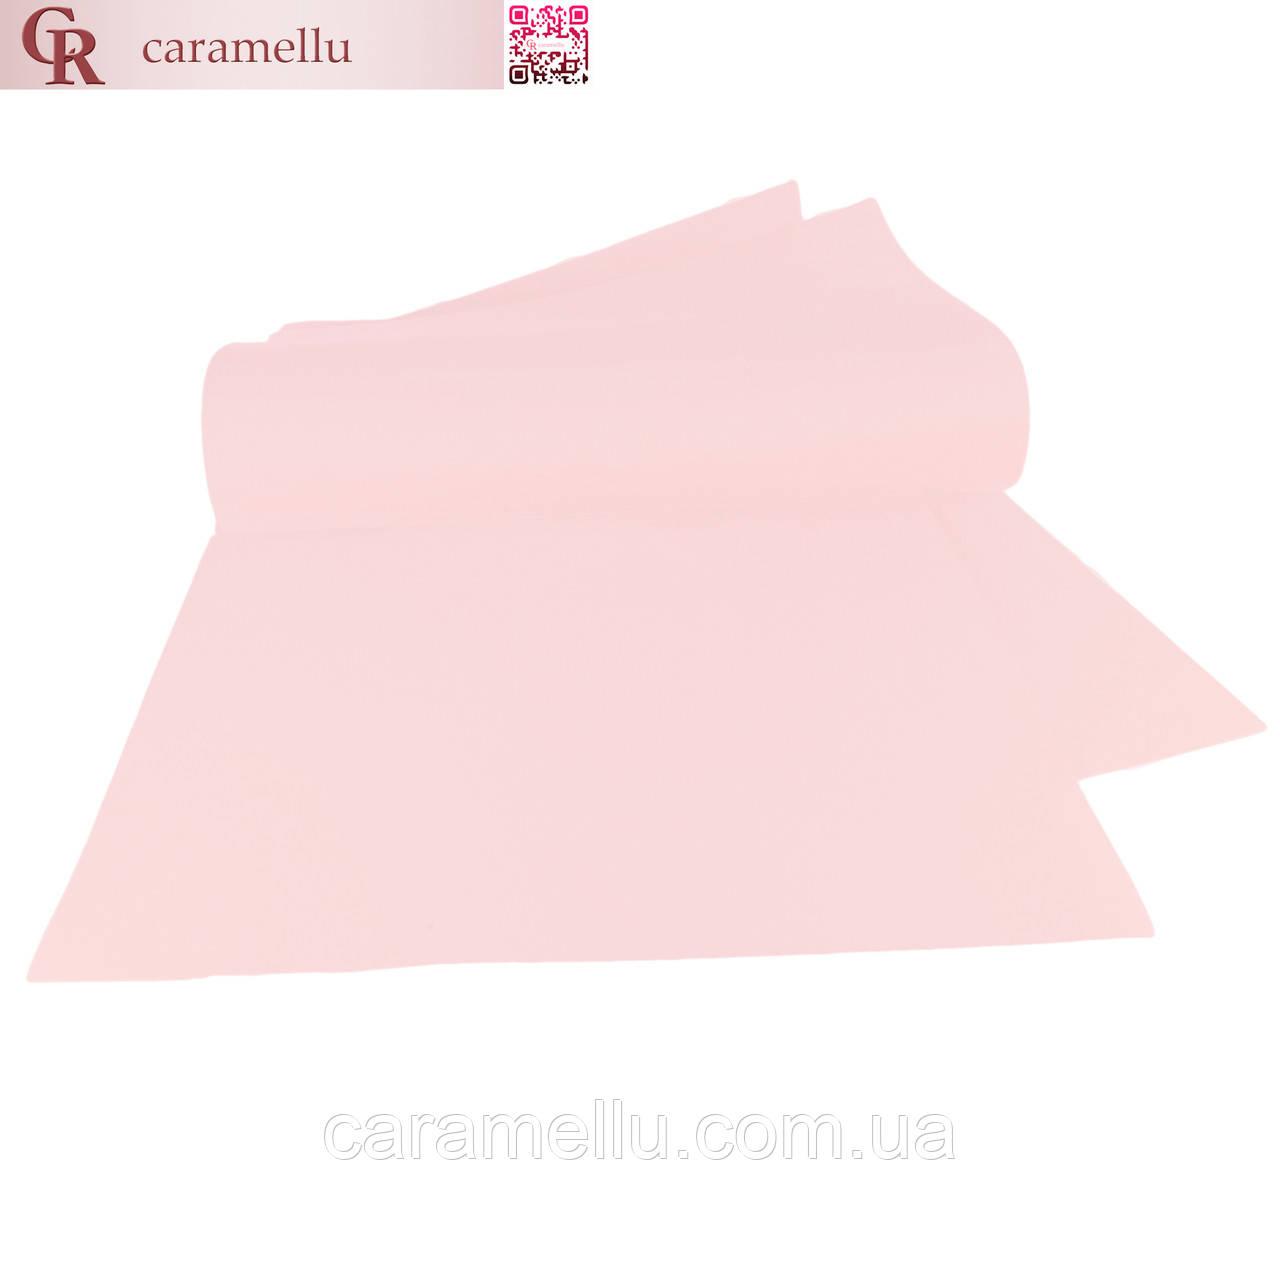 Фоамиран иранский 142, Светло-розовый, 1мм, 70х60см.